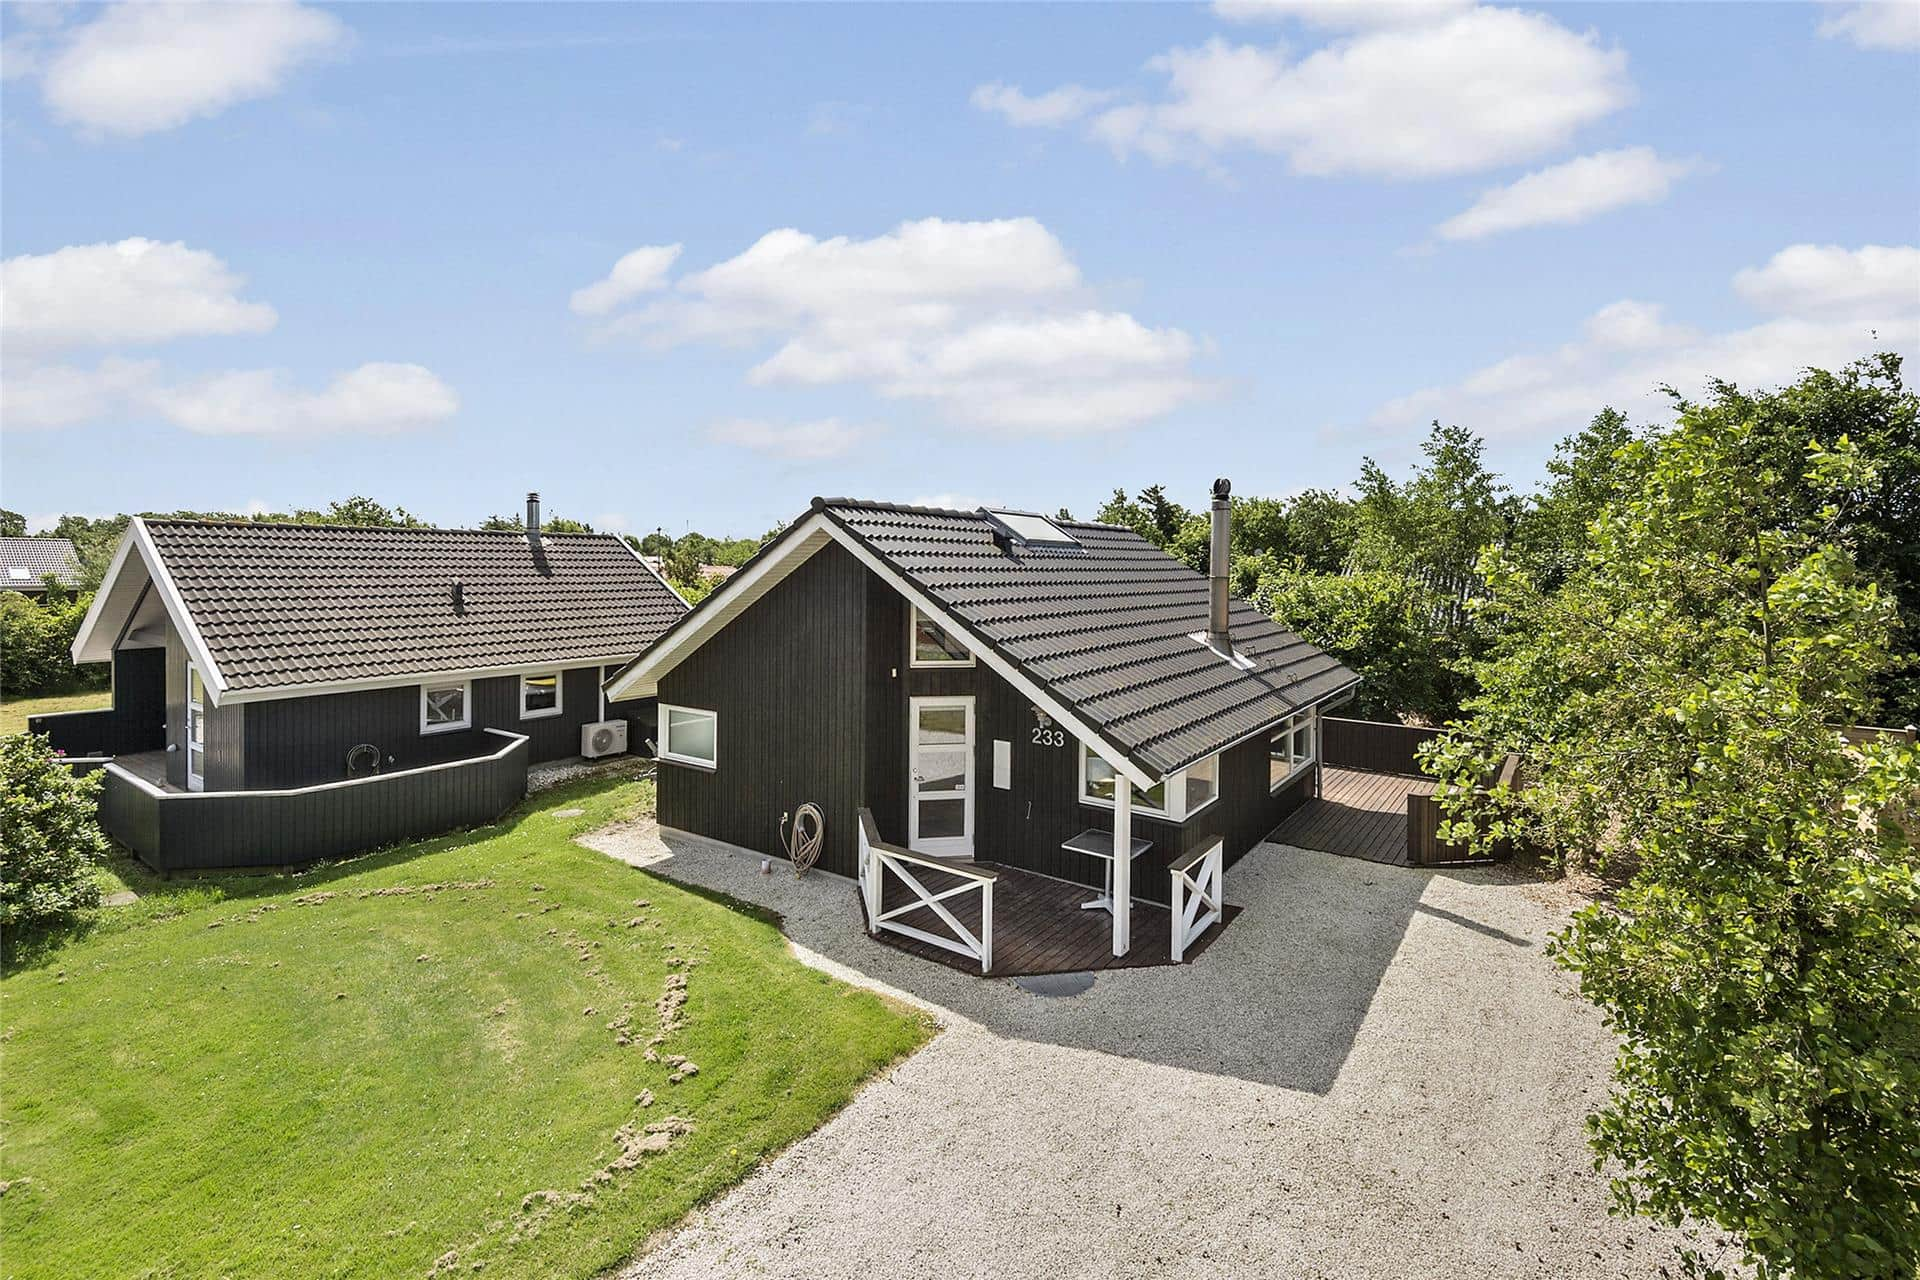 Bild 1-22 Ferienhaus C11129, Bork Hytteby 233, DK - 6893 Hemmet